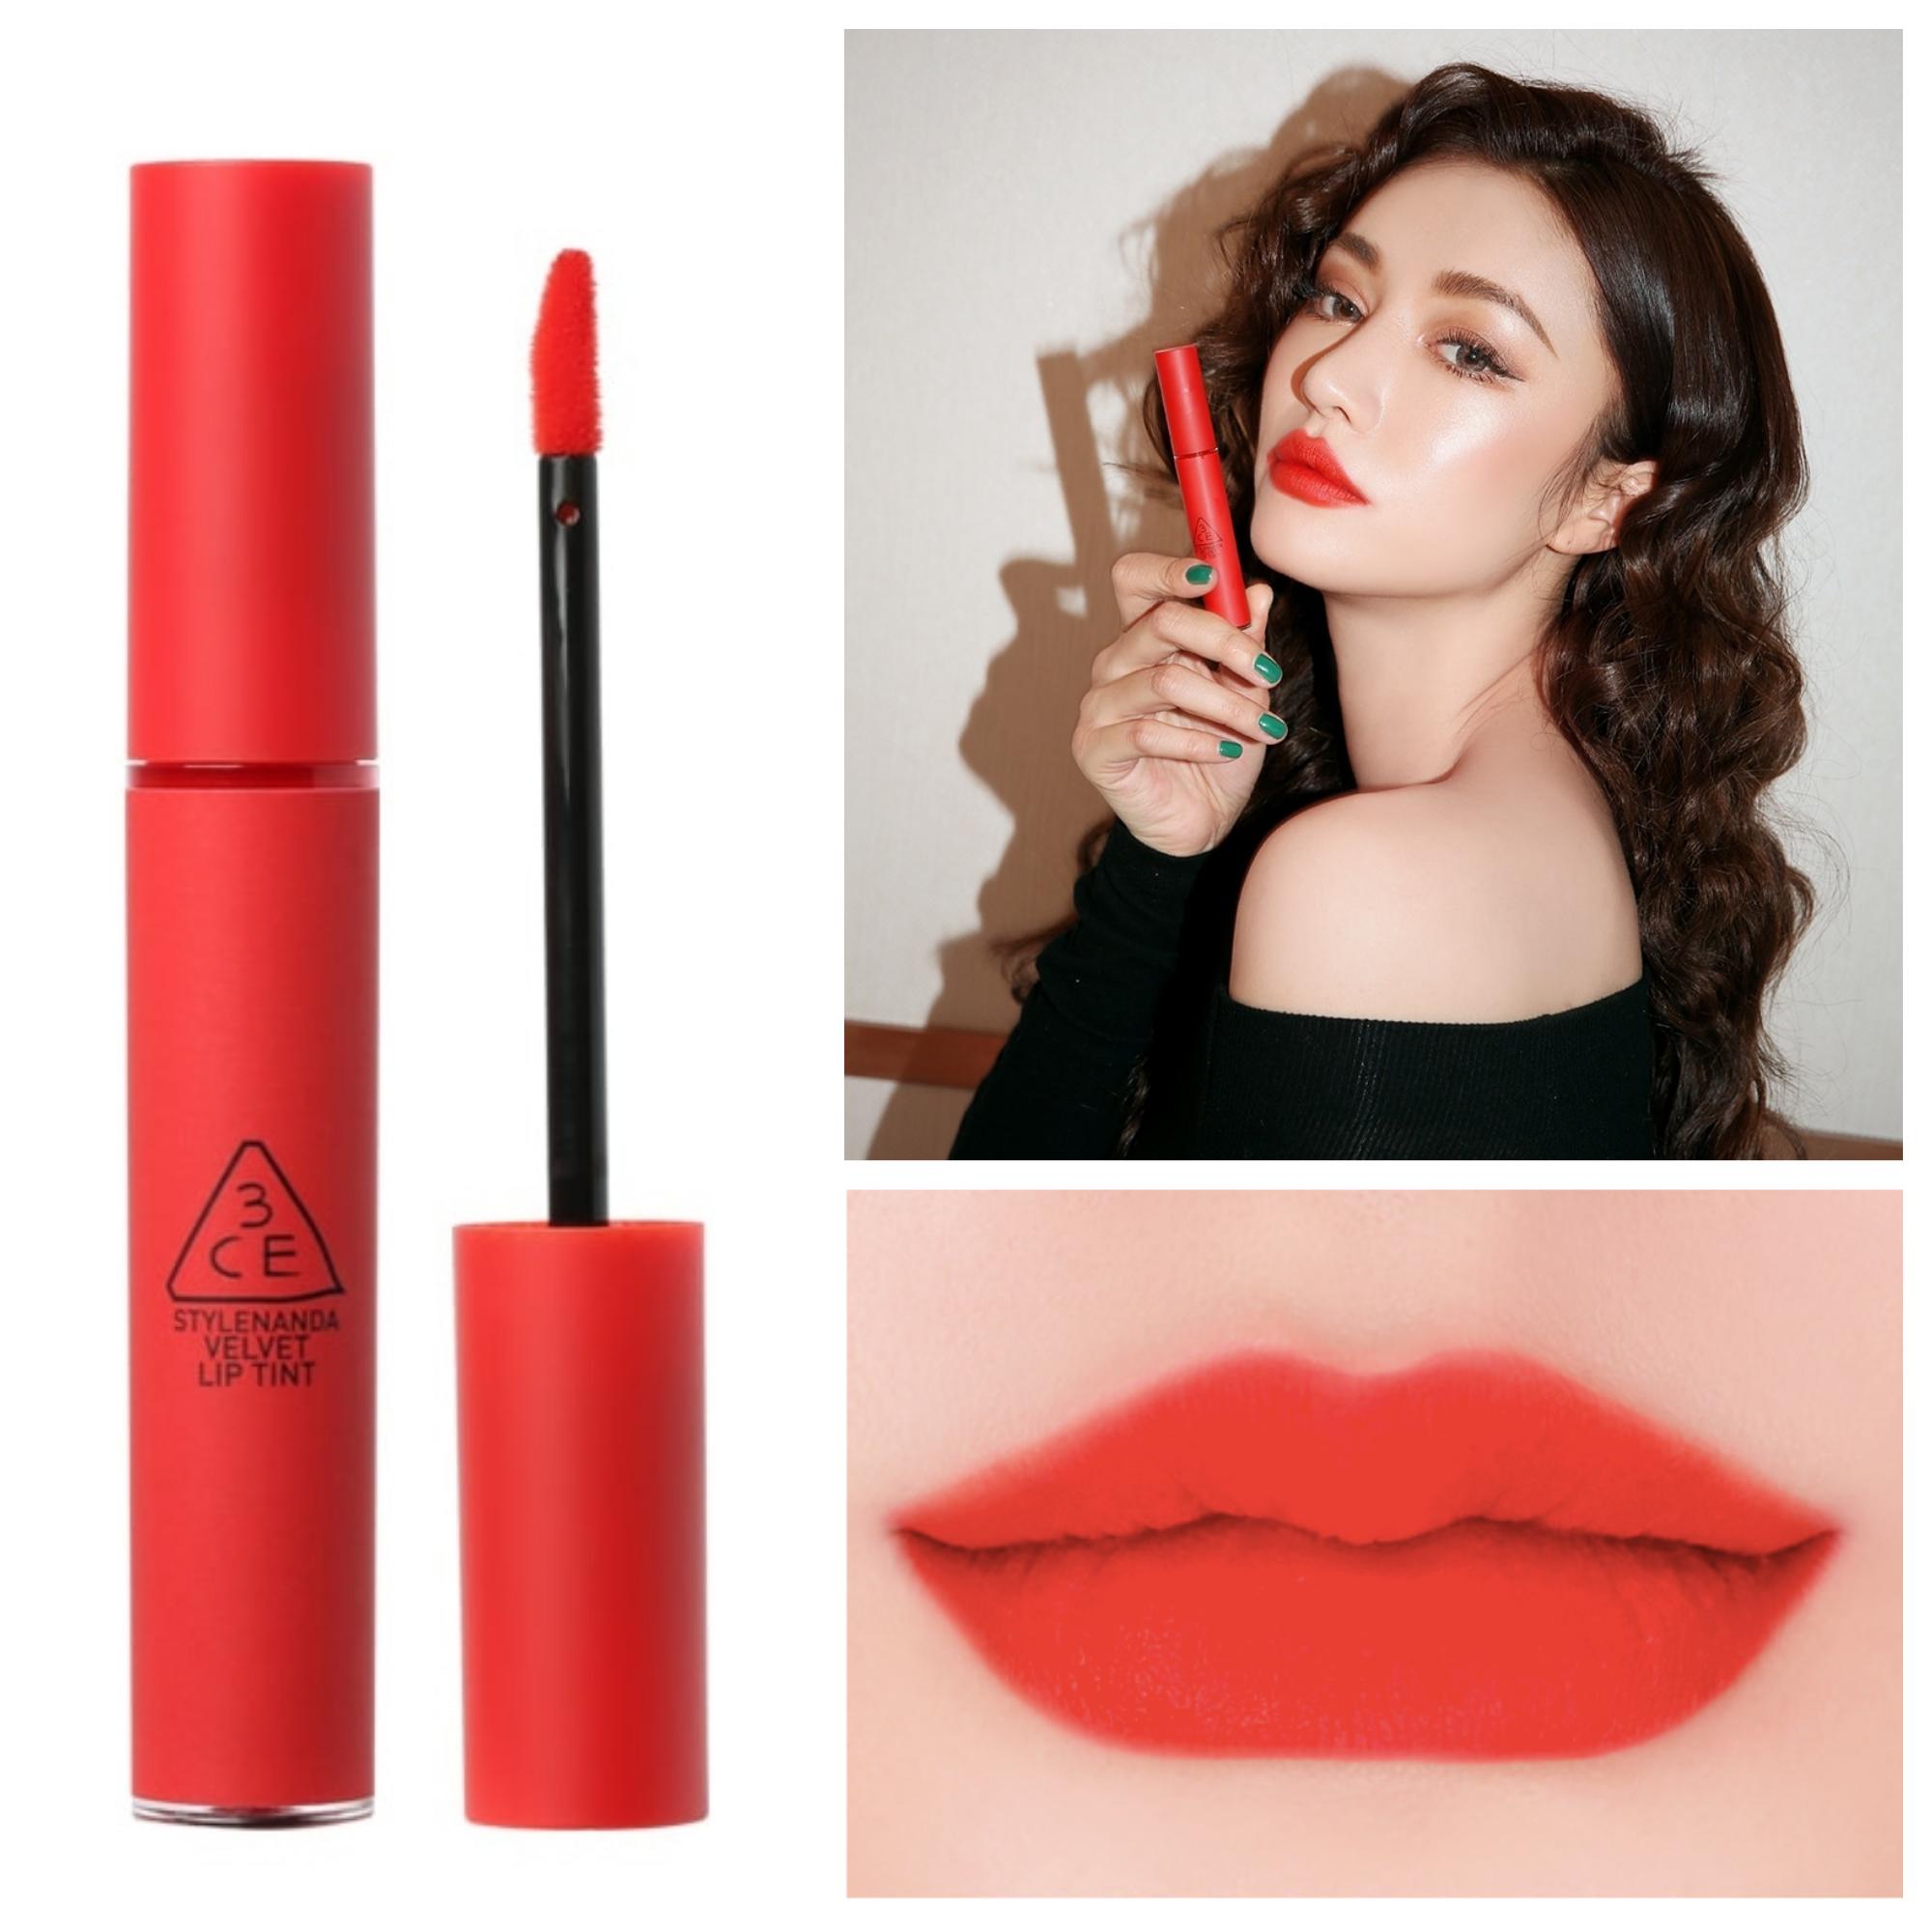 Bảng màu son kem 3CE Velvet Lip Tint Child Like